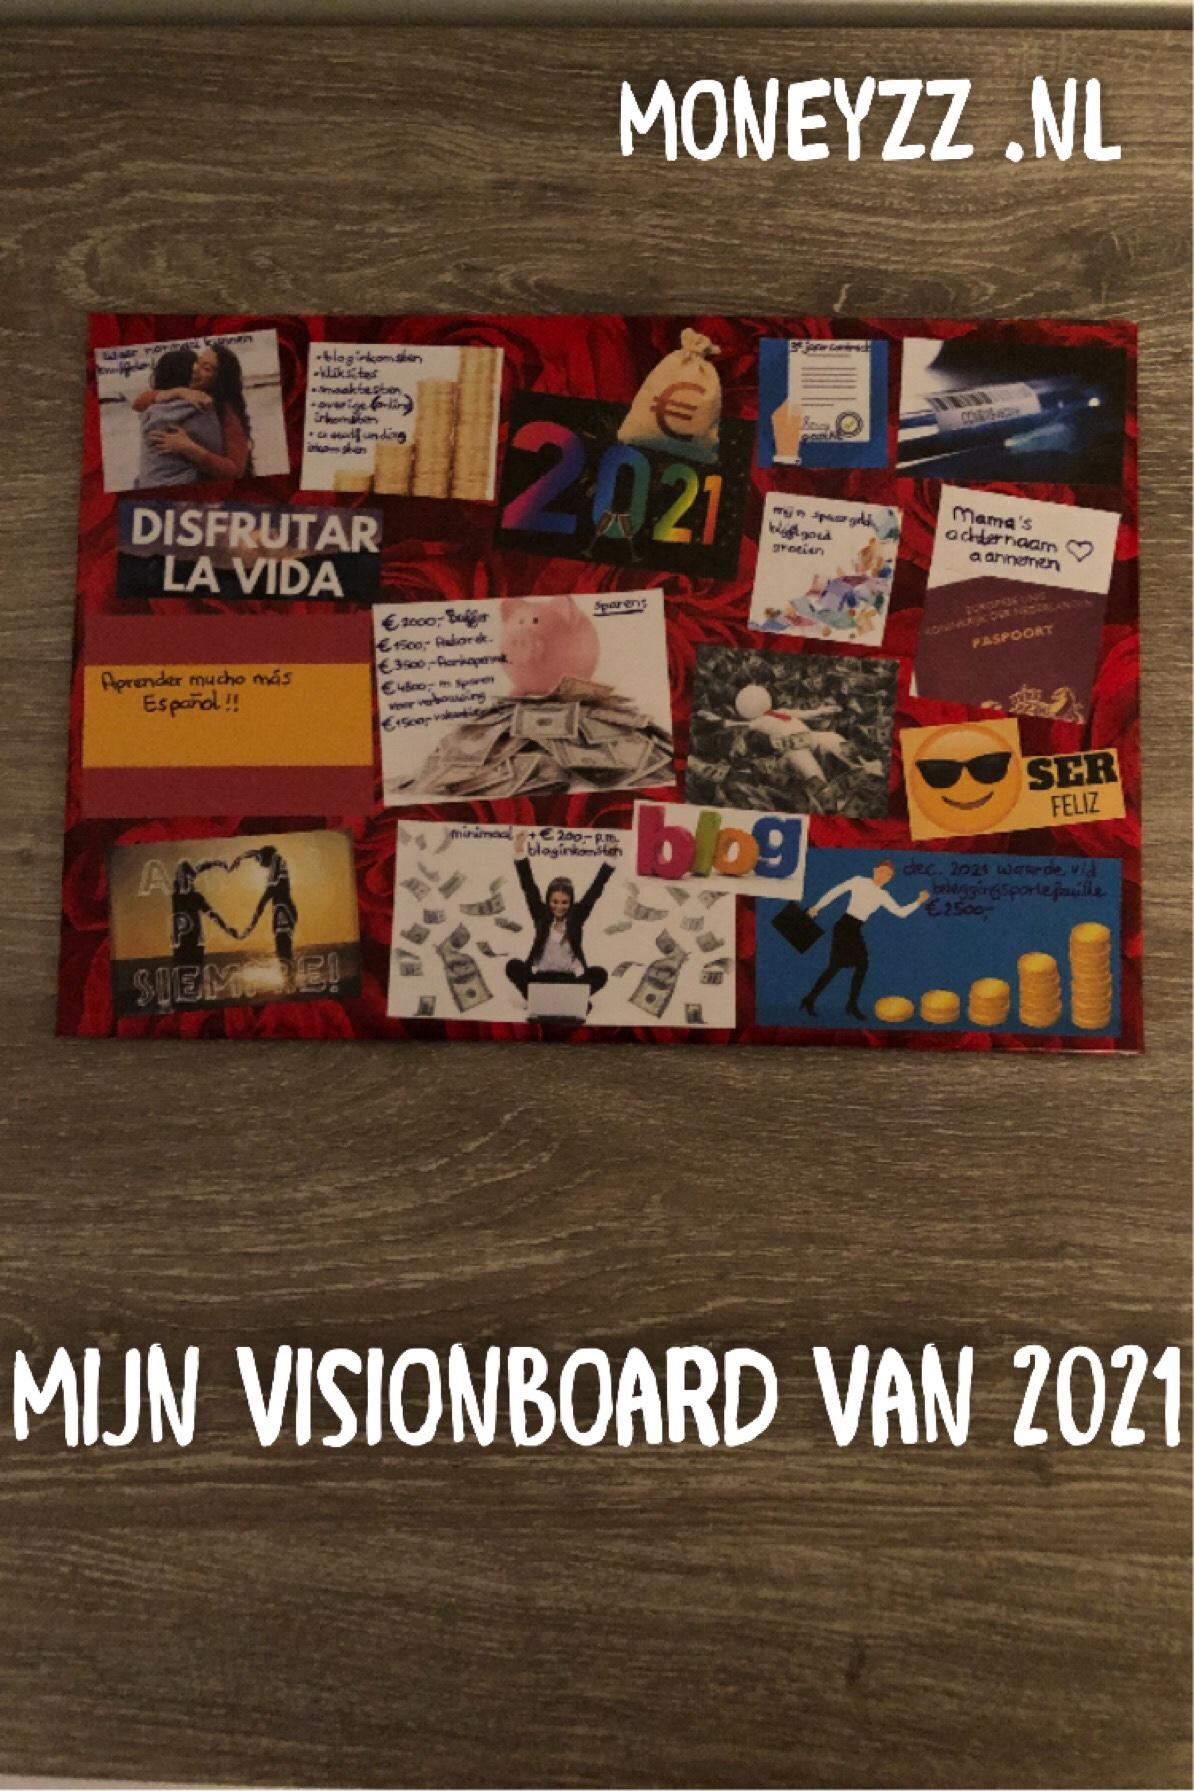 Mijn visionboard van 2021